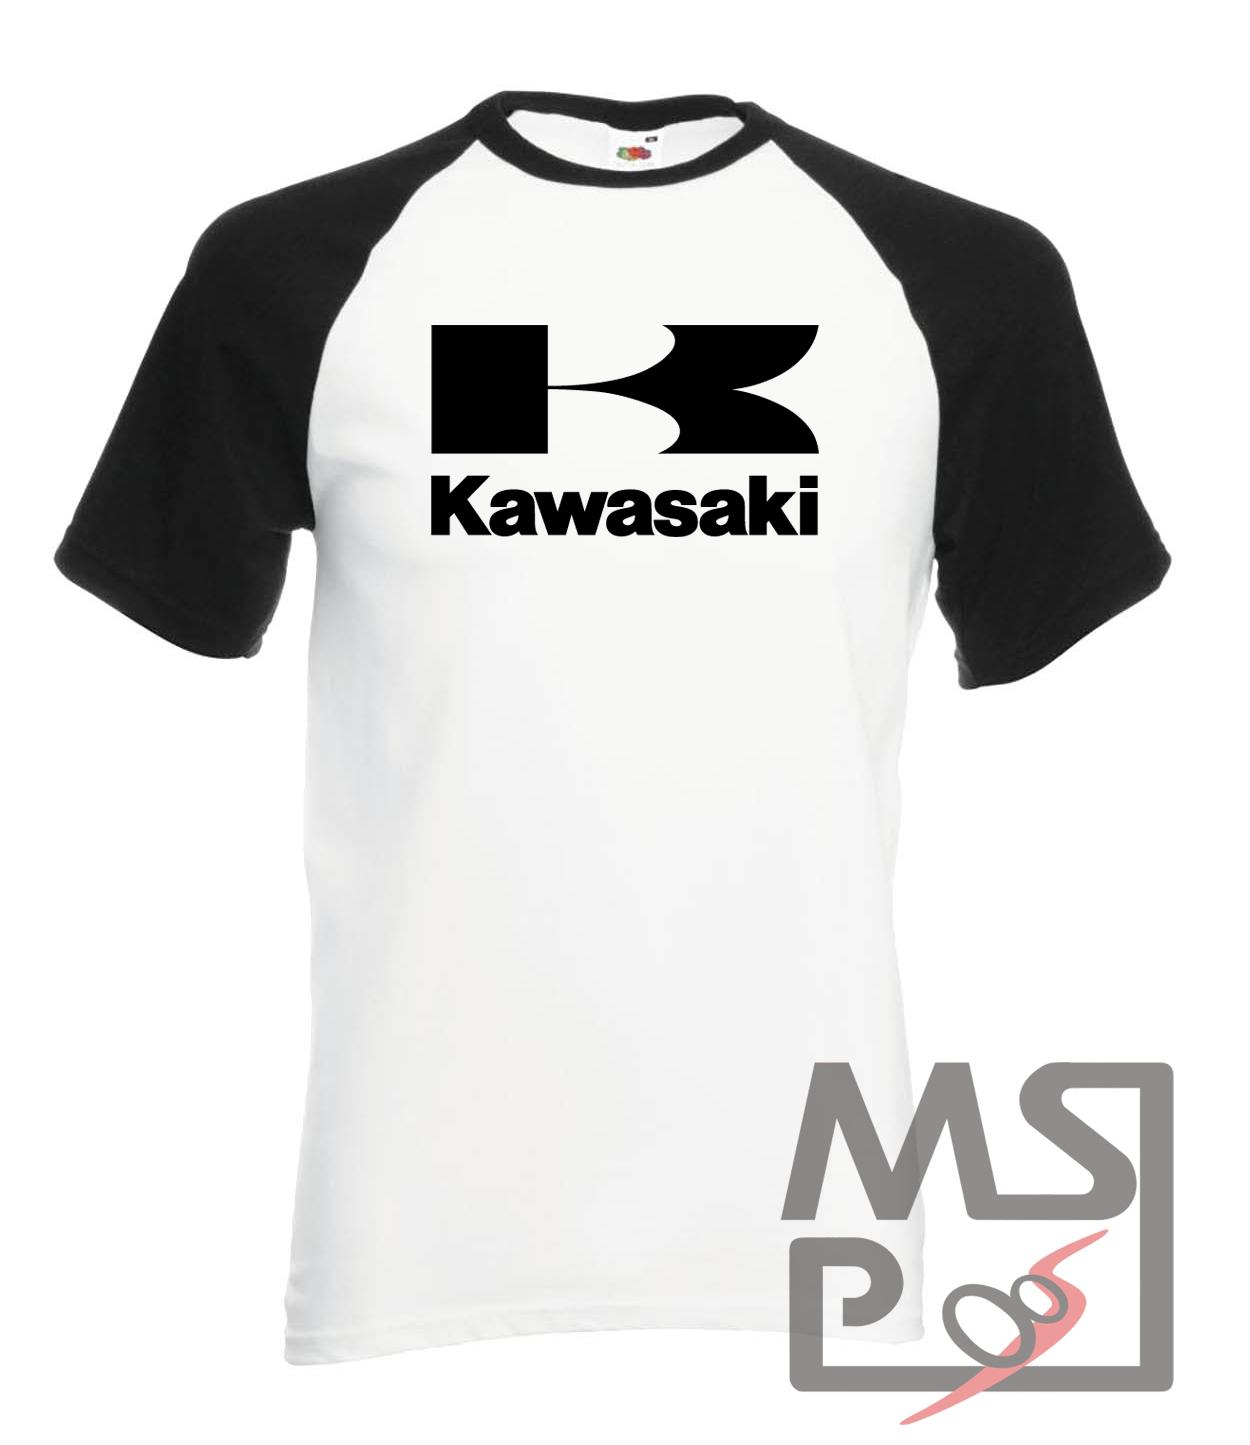 Tričko s motívom Kawasaki 24